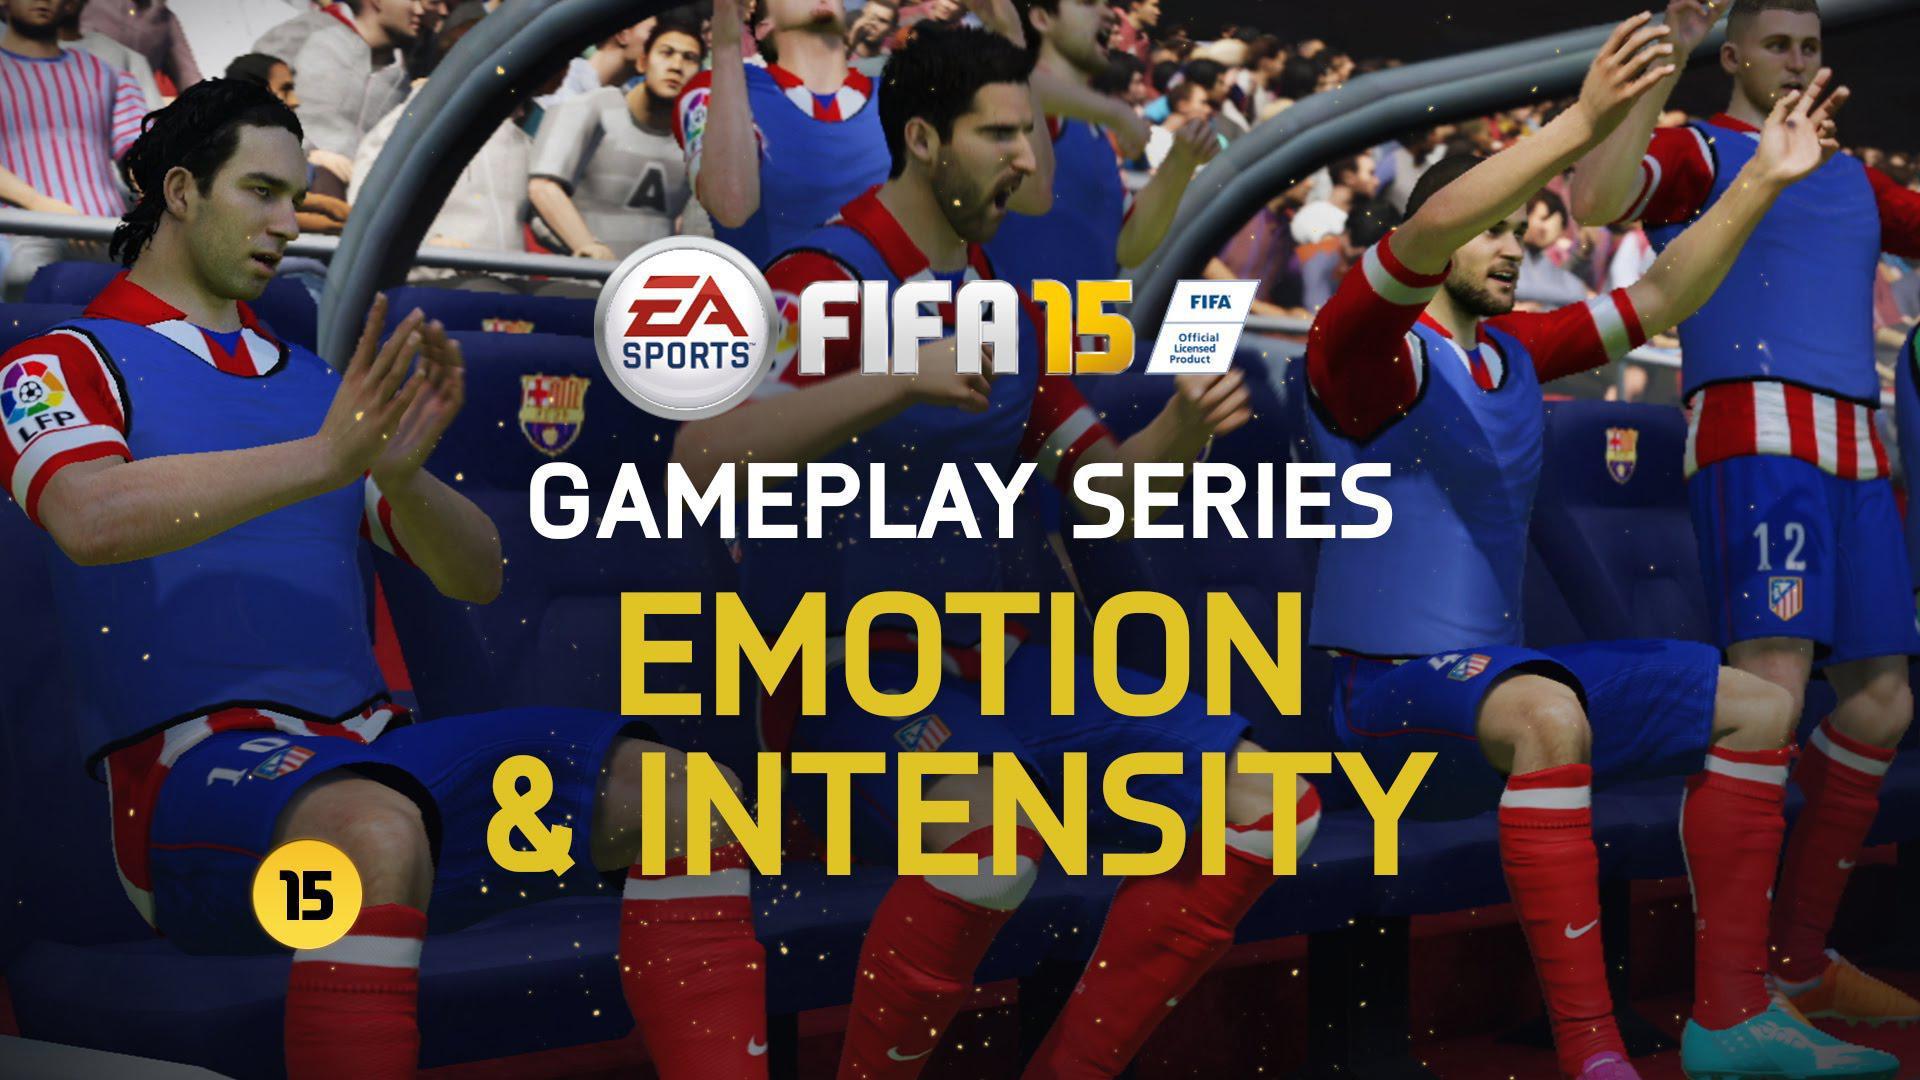 FIFA 15 primește trailer ce prezintă emoția și intensitatea jocului